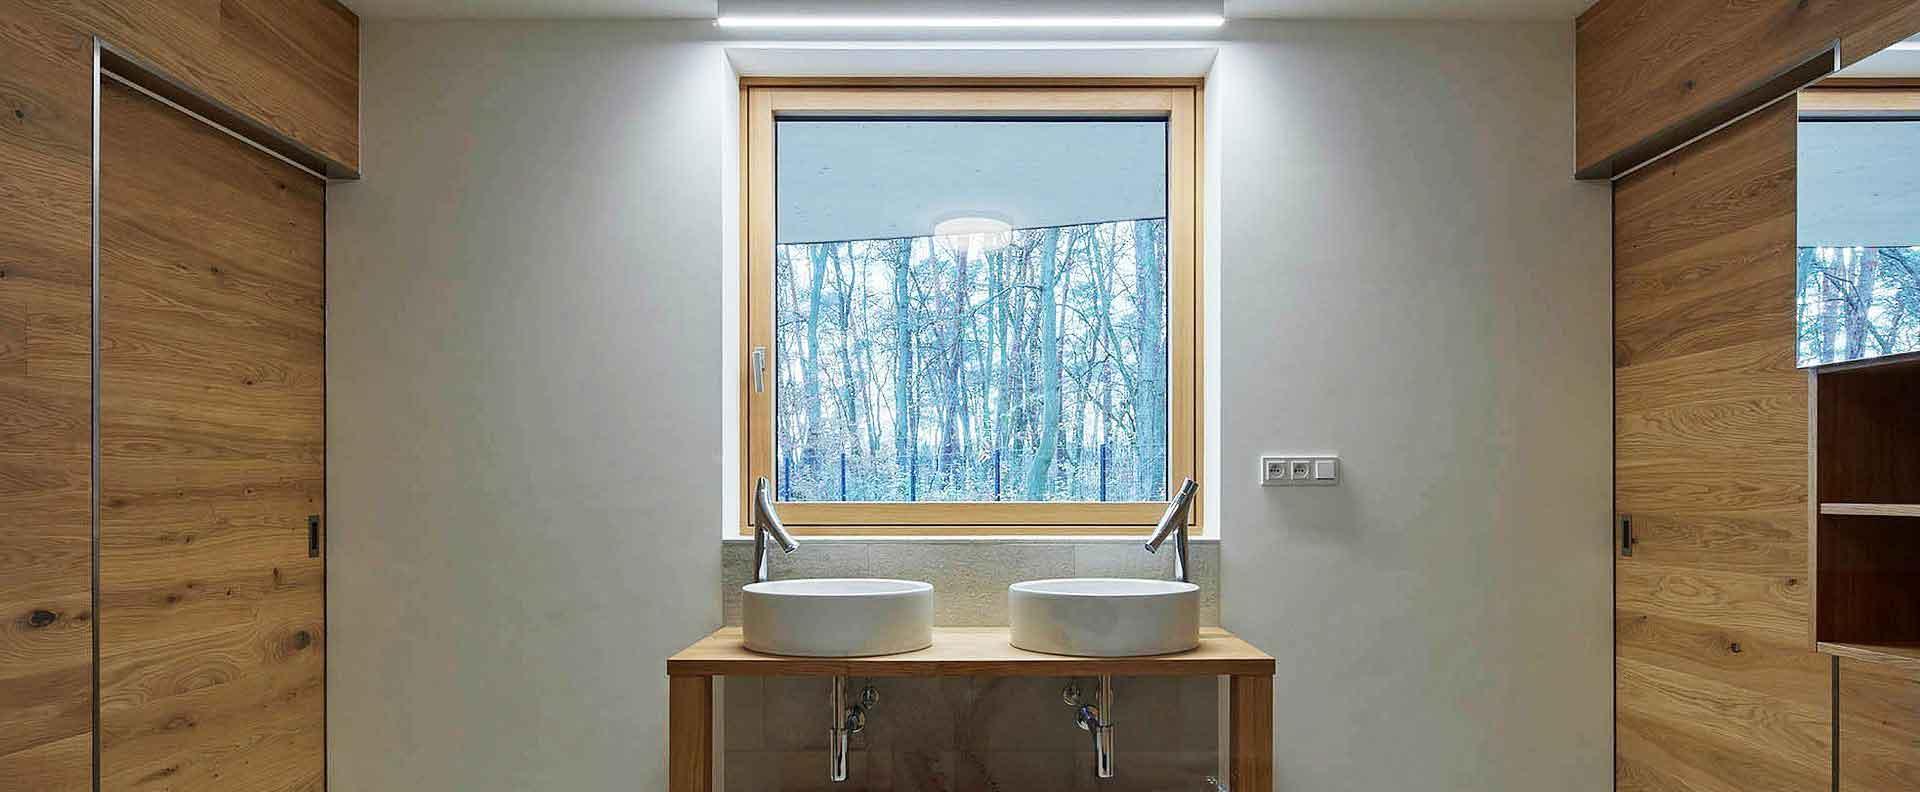 درب-و-پنجره-یو-پی-وی-سی-سرویس-بهداشتی